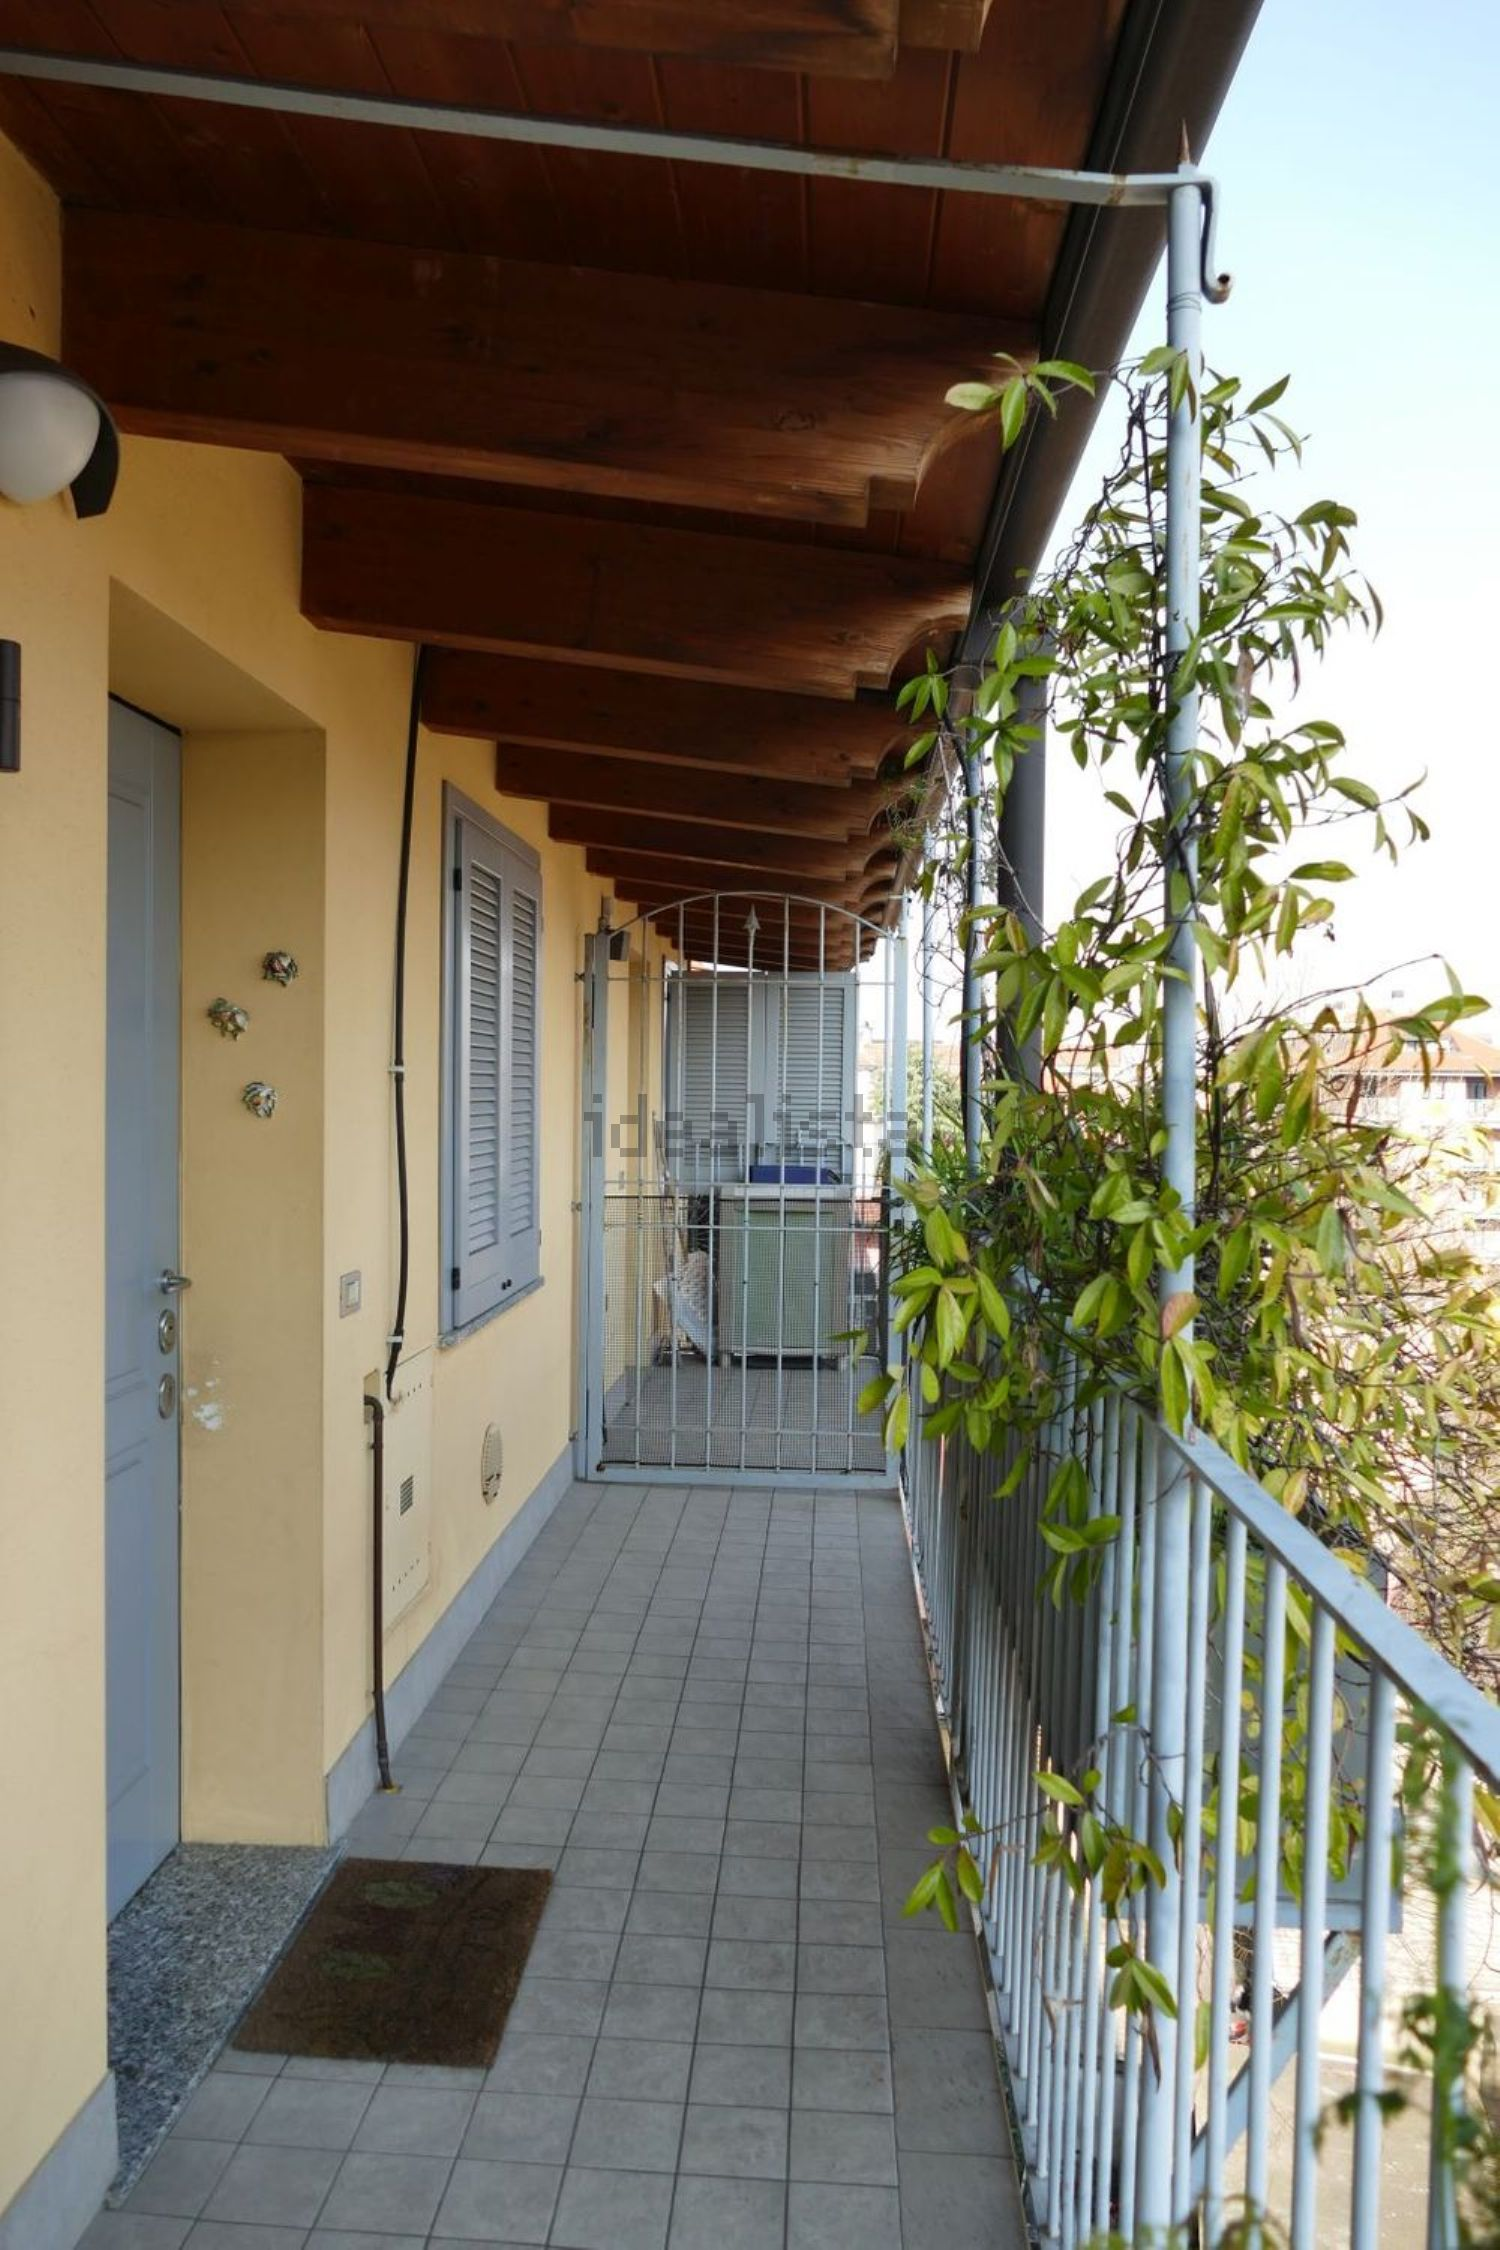 Bosco Verticale Appartamenti Costo appartamenti in vendita a milano in zona piazzale salvatore